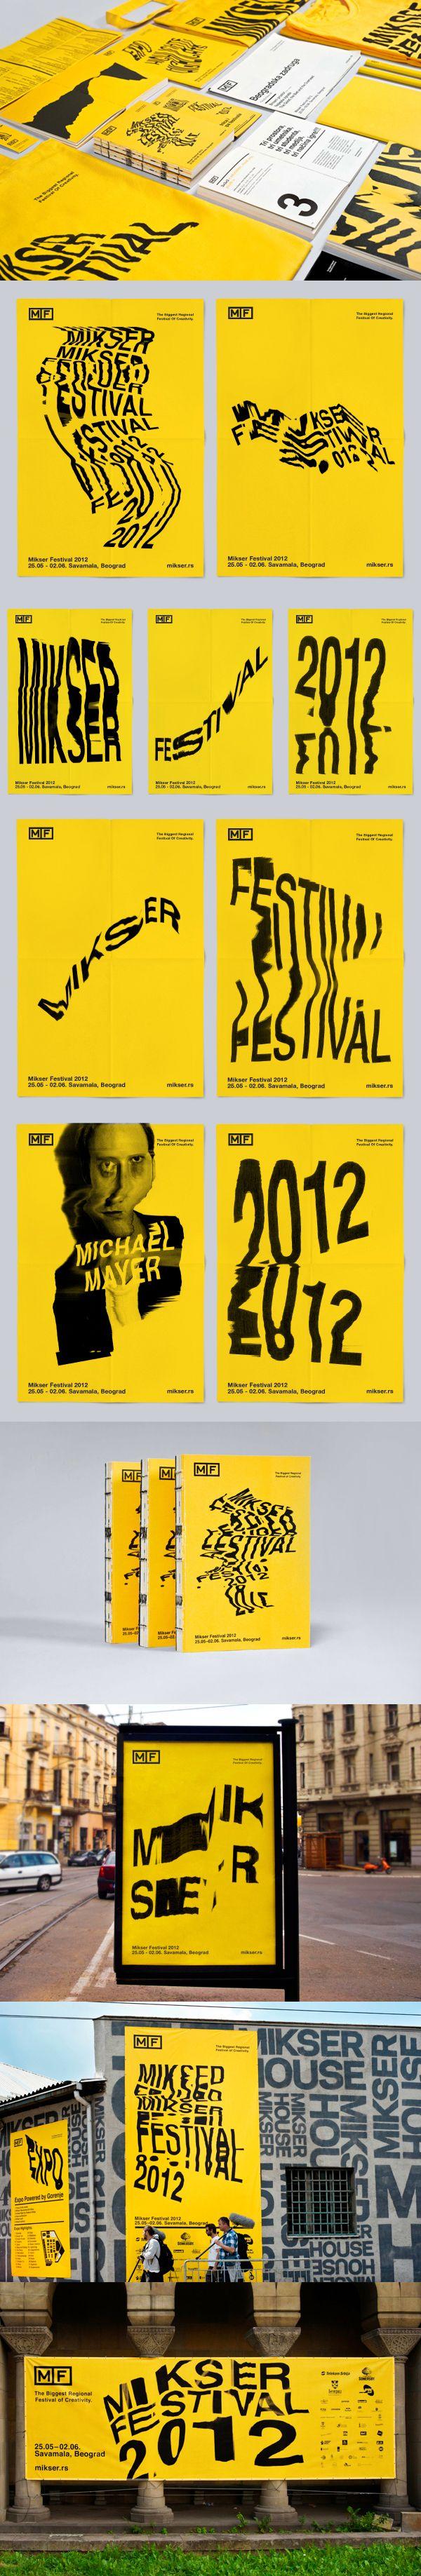 Mikser Festival 2012 by Lorem Ipsum Studio, Belgrade